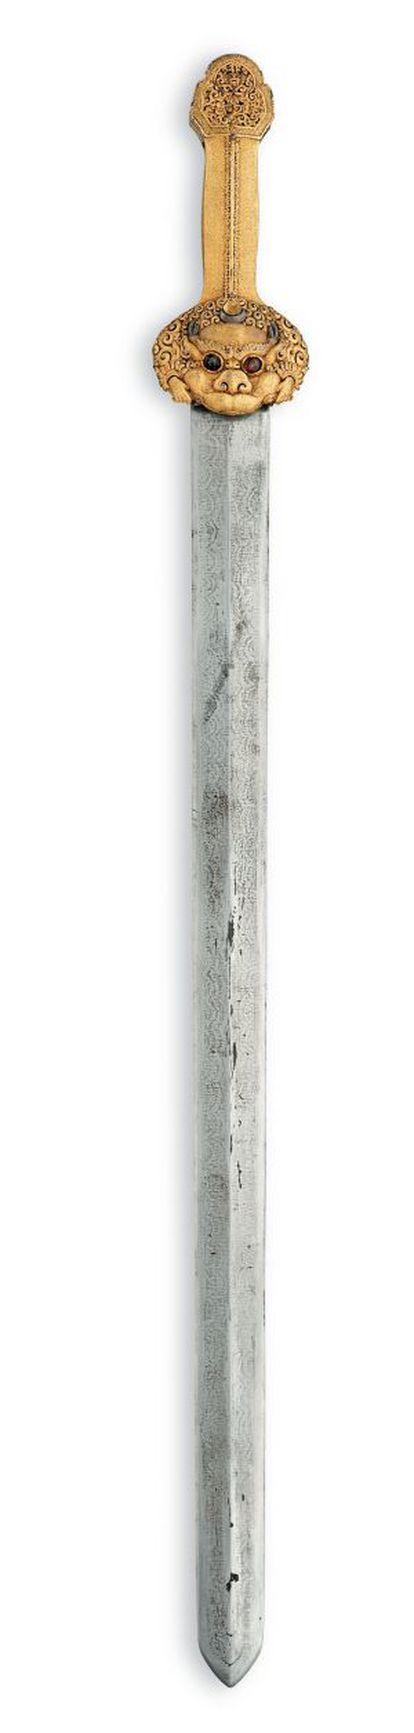 Espada e bainha com inscrições. Em ouro, prata, aço, madeira e couro. Da era Yongle (cerca de 1420).